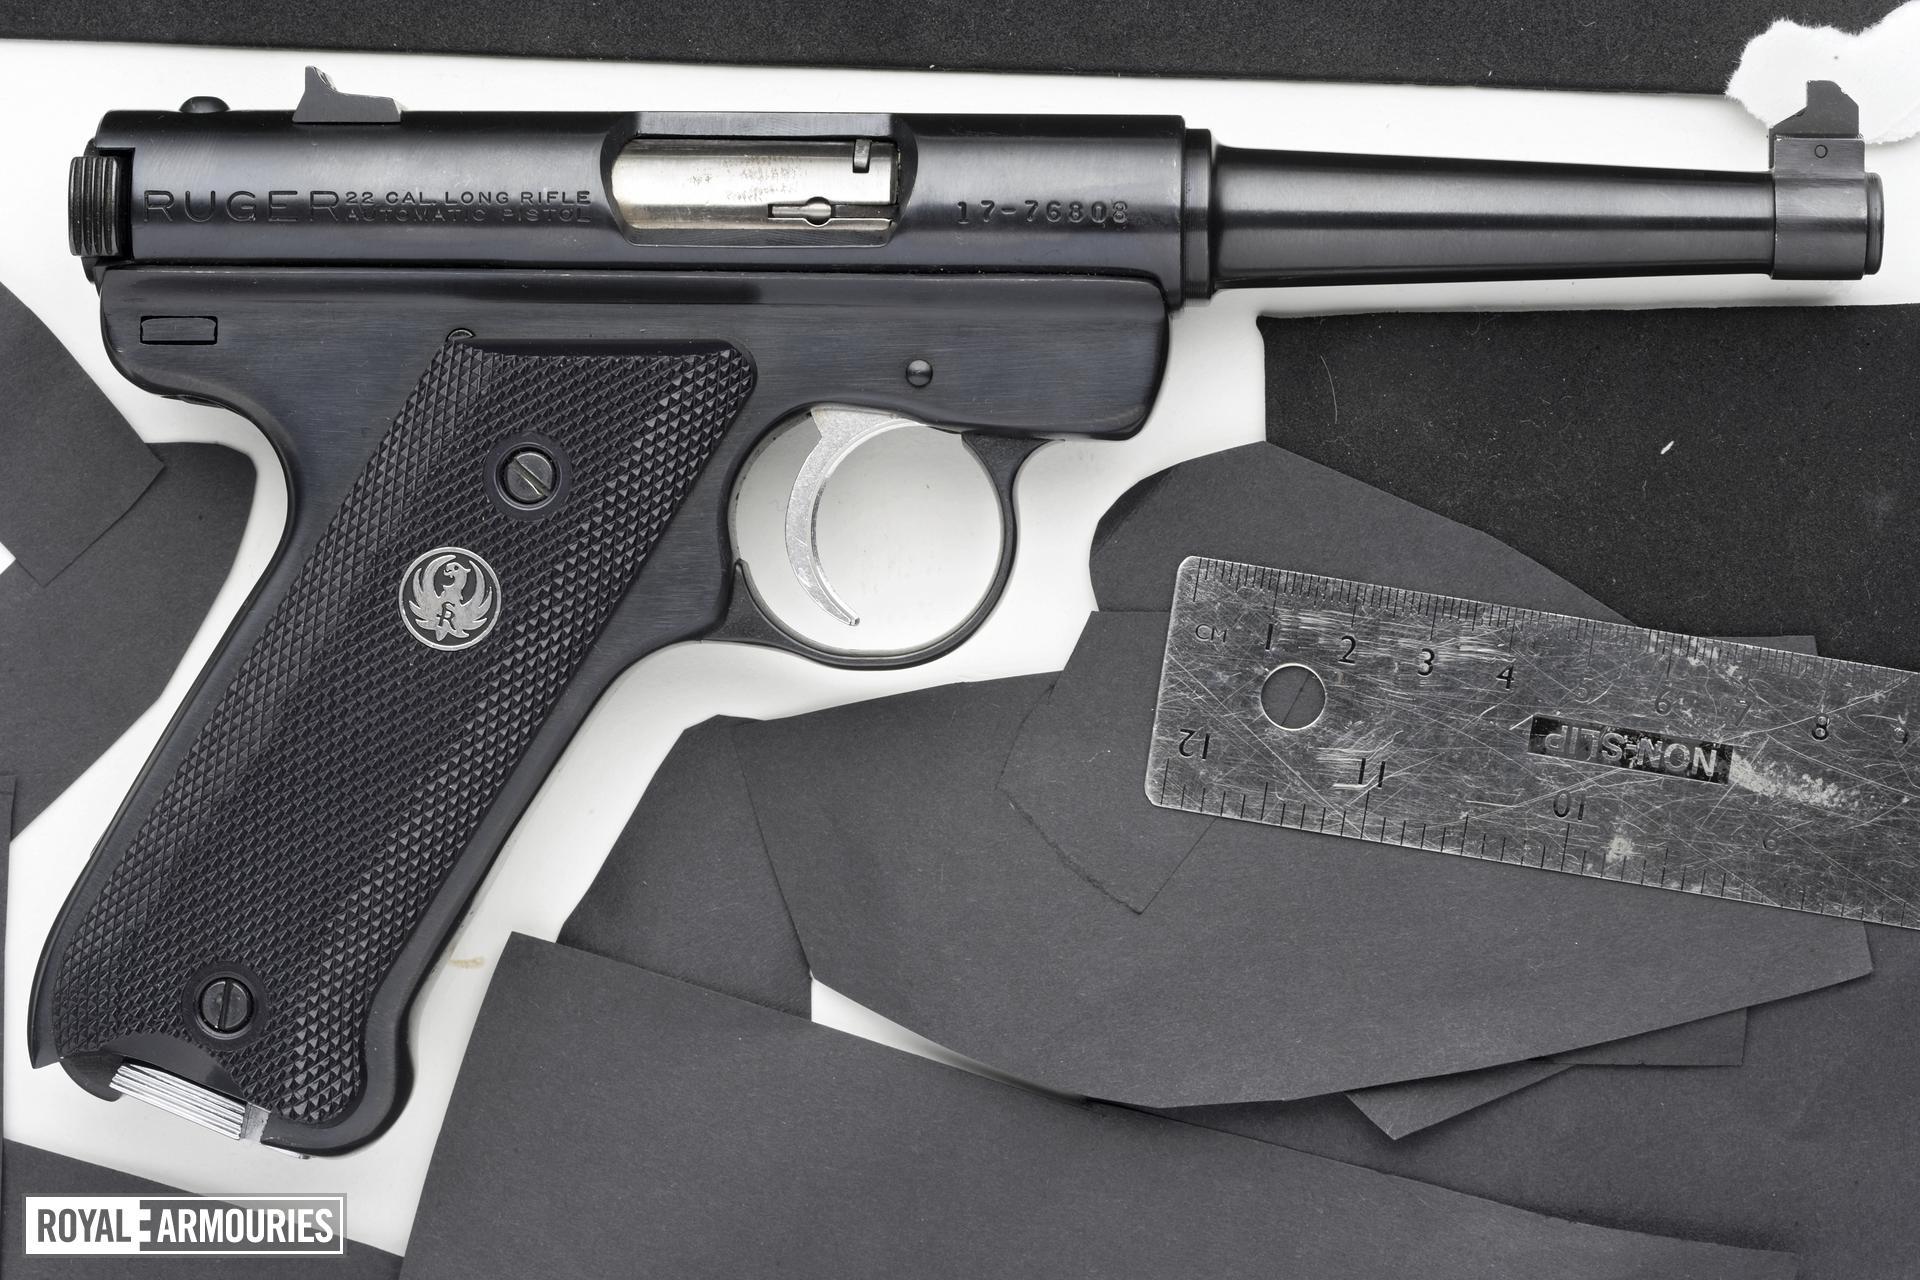 Rimfire self-loading pistol - Ruger Mk.I Standard